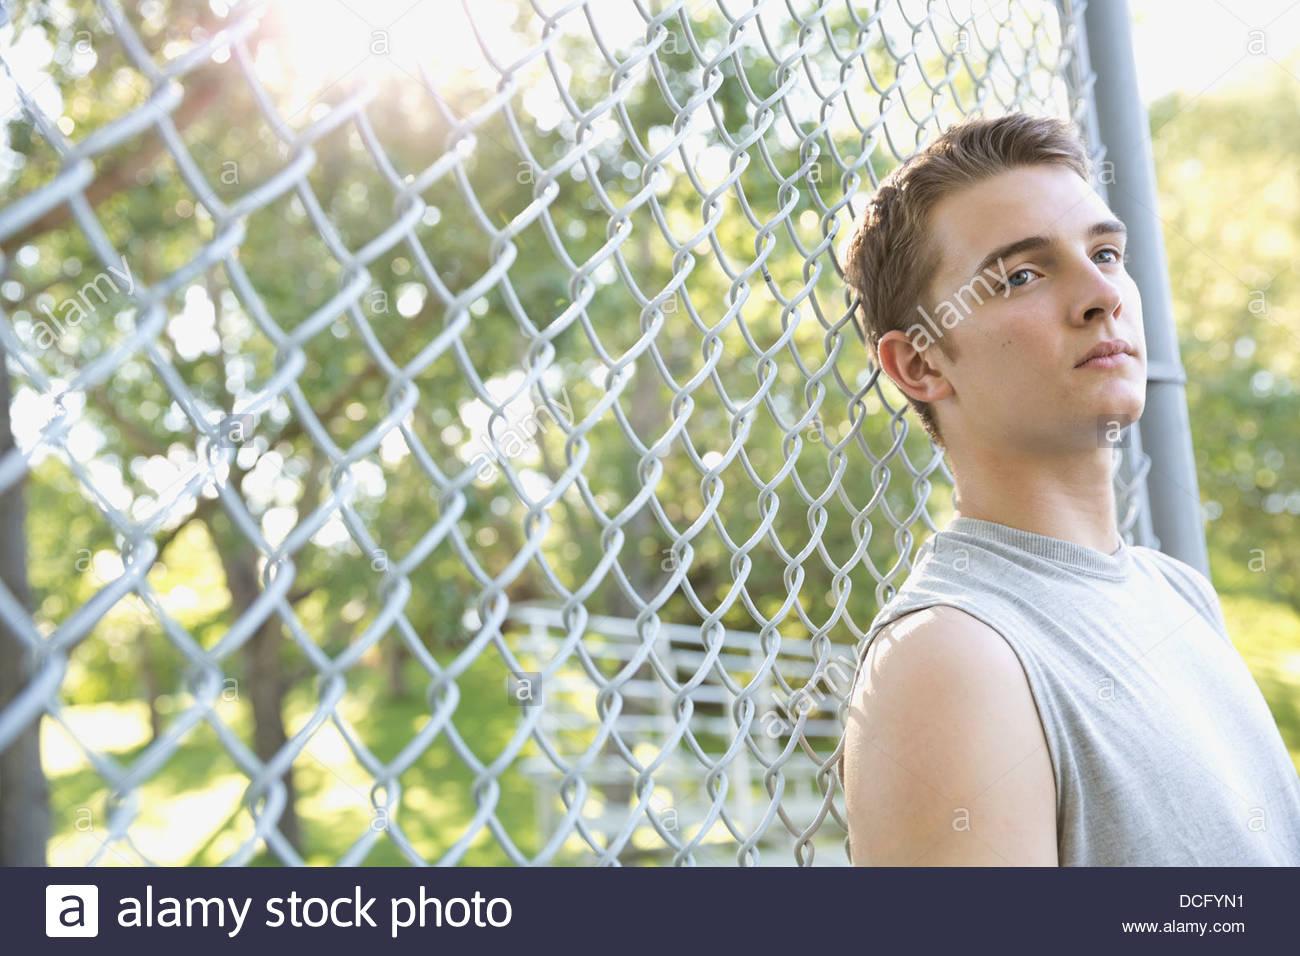 Pensativo adolescente recostada en cercado de cadenas Imagen De Stock